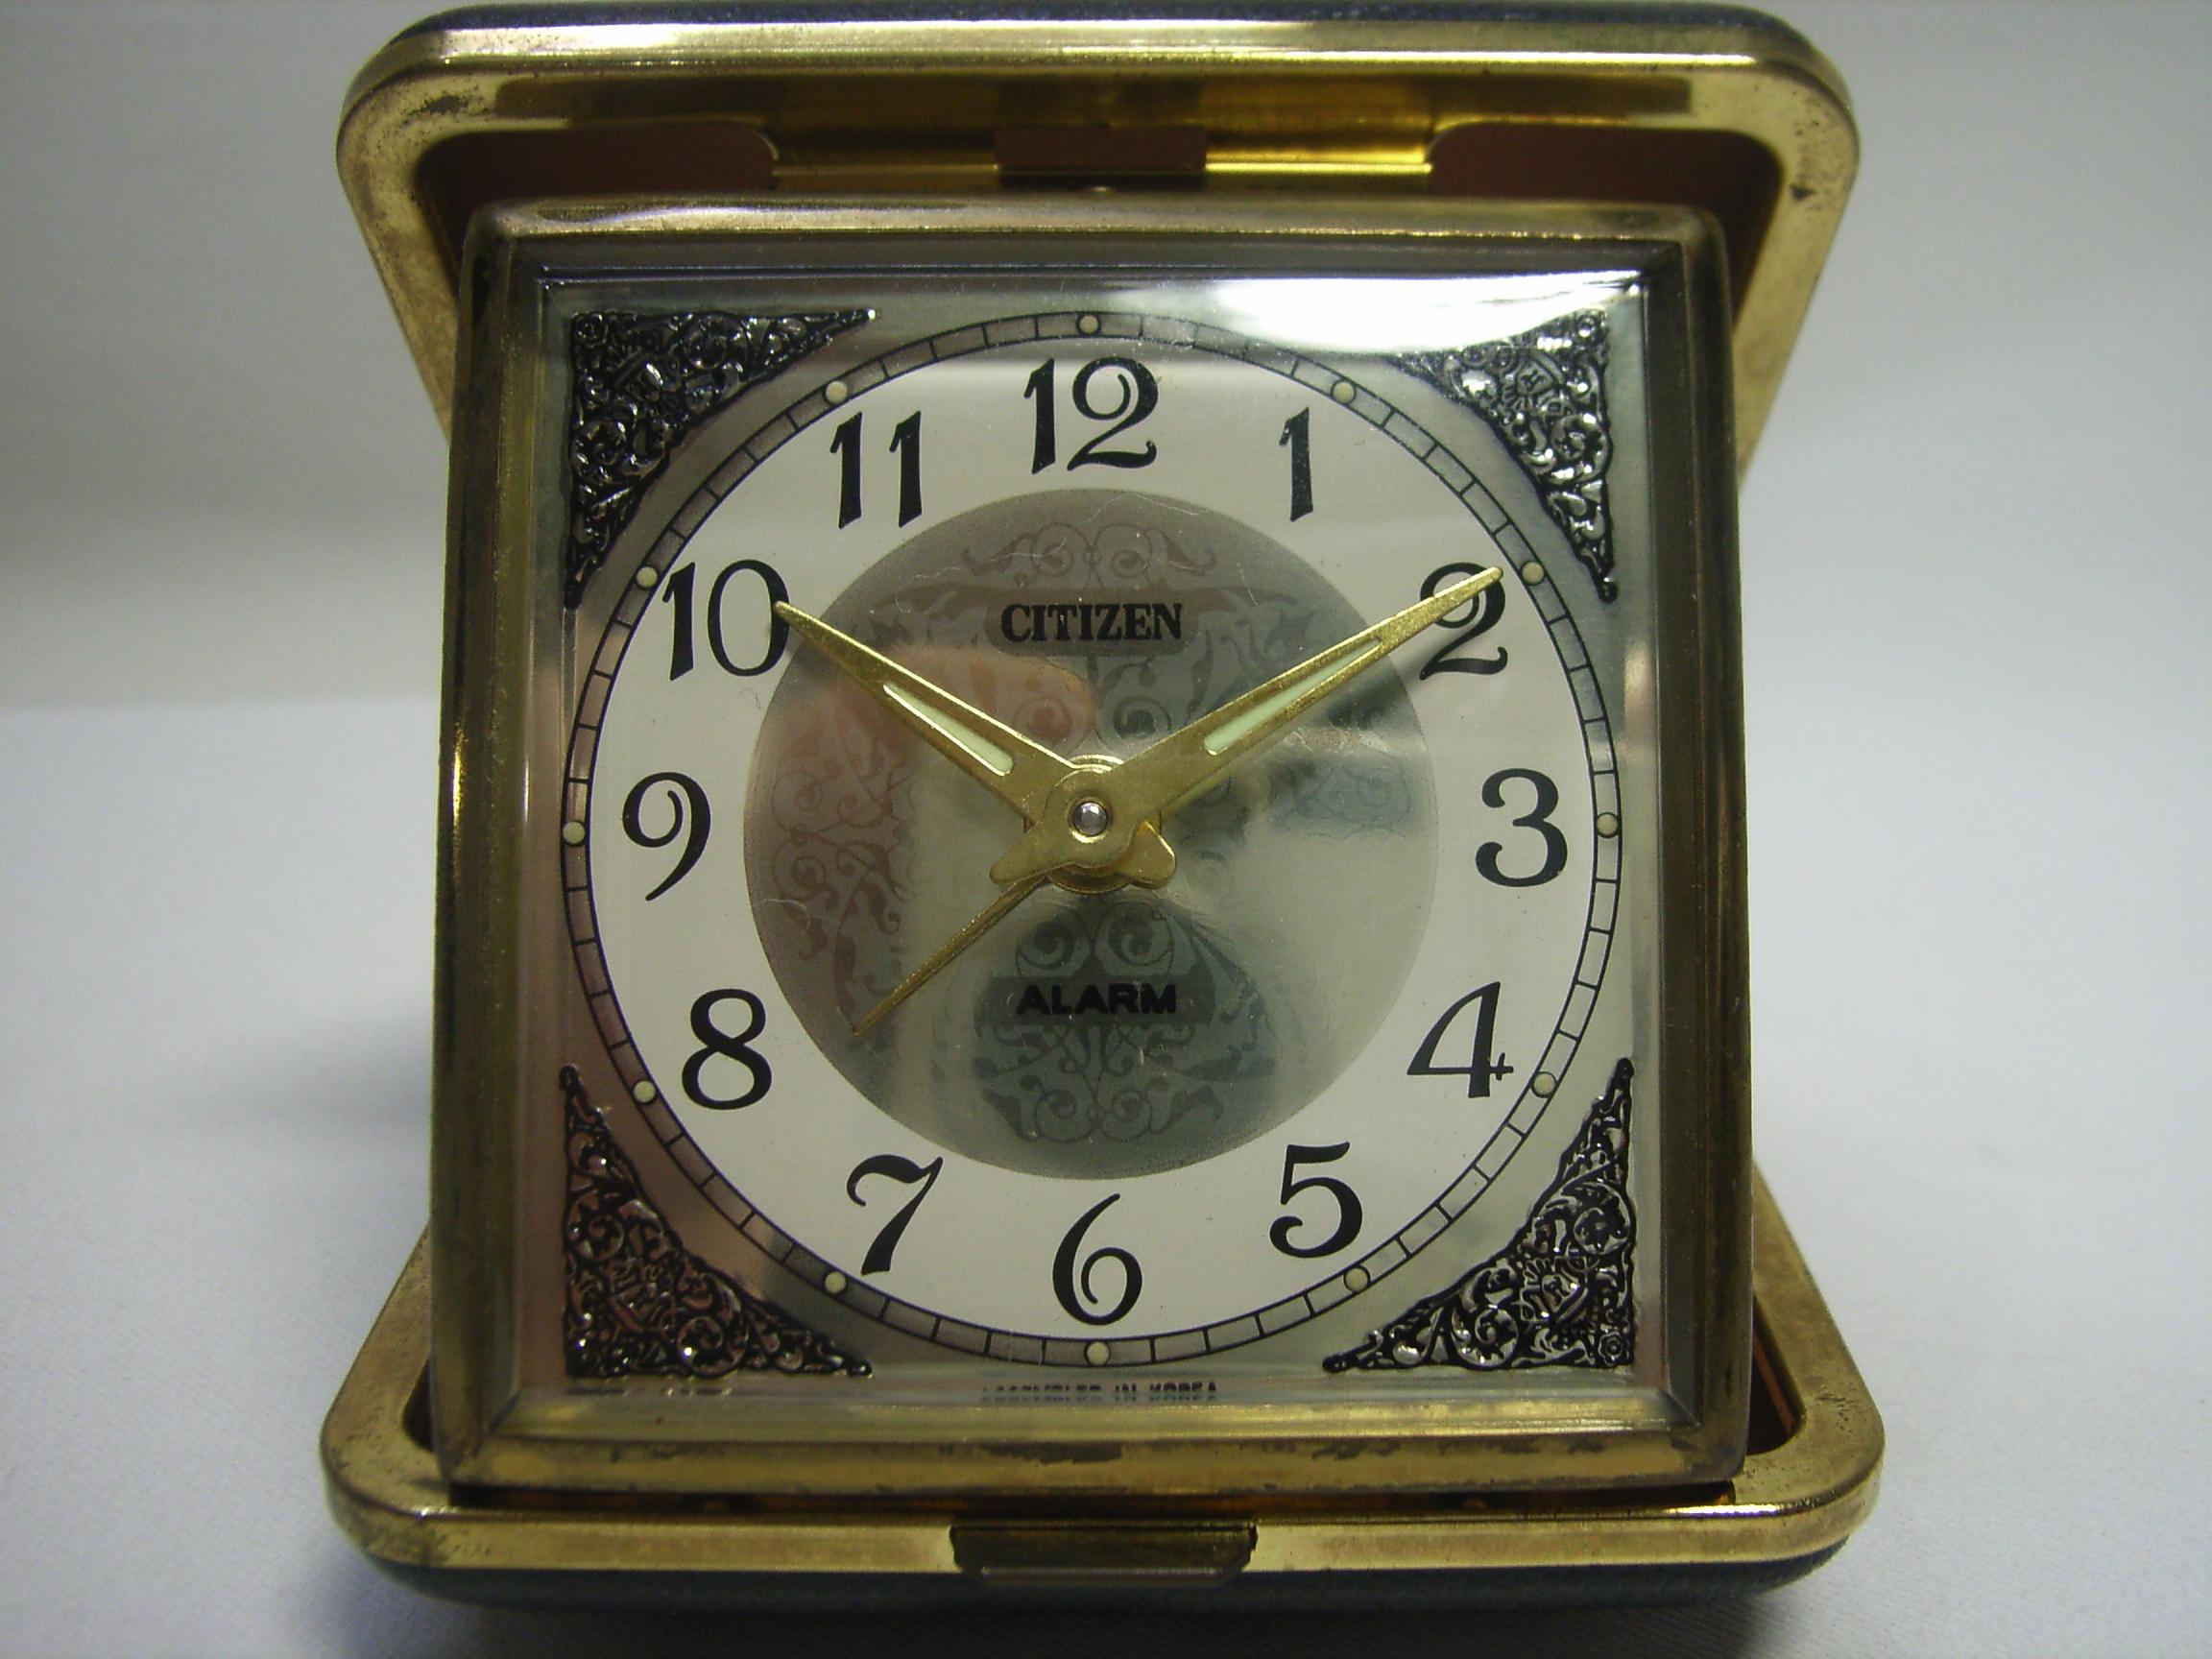 シチズン トラベルアラーム時計 手巻き 黒 動作確認済み 現状 【AJ1123】